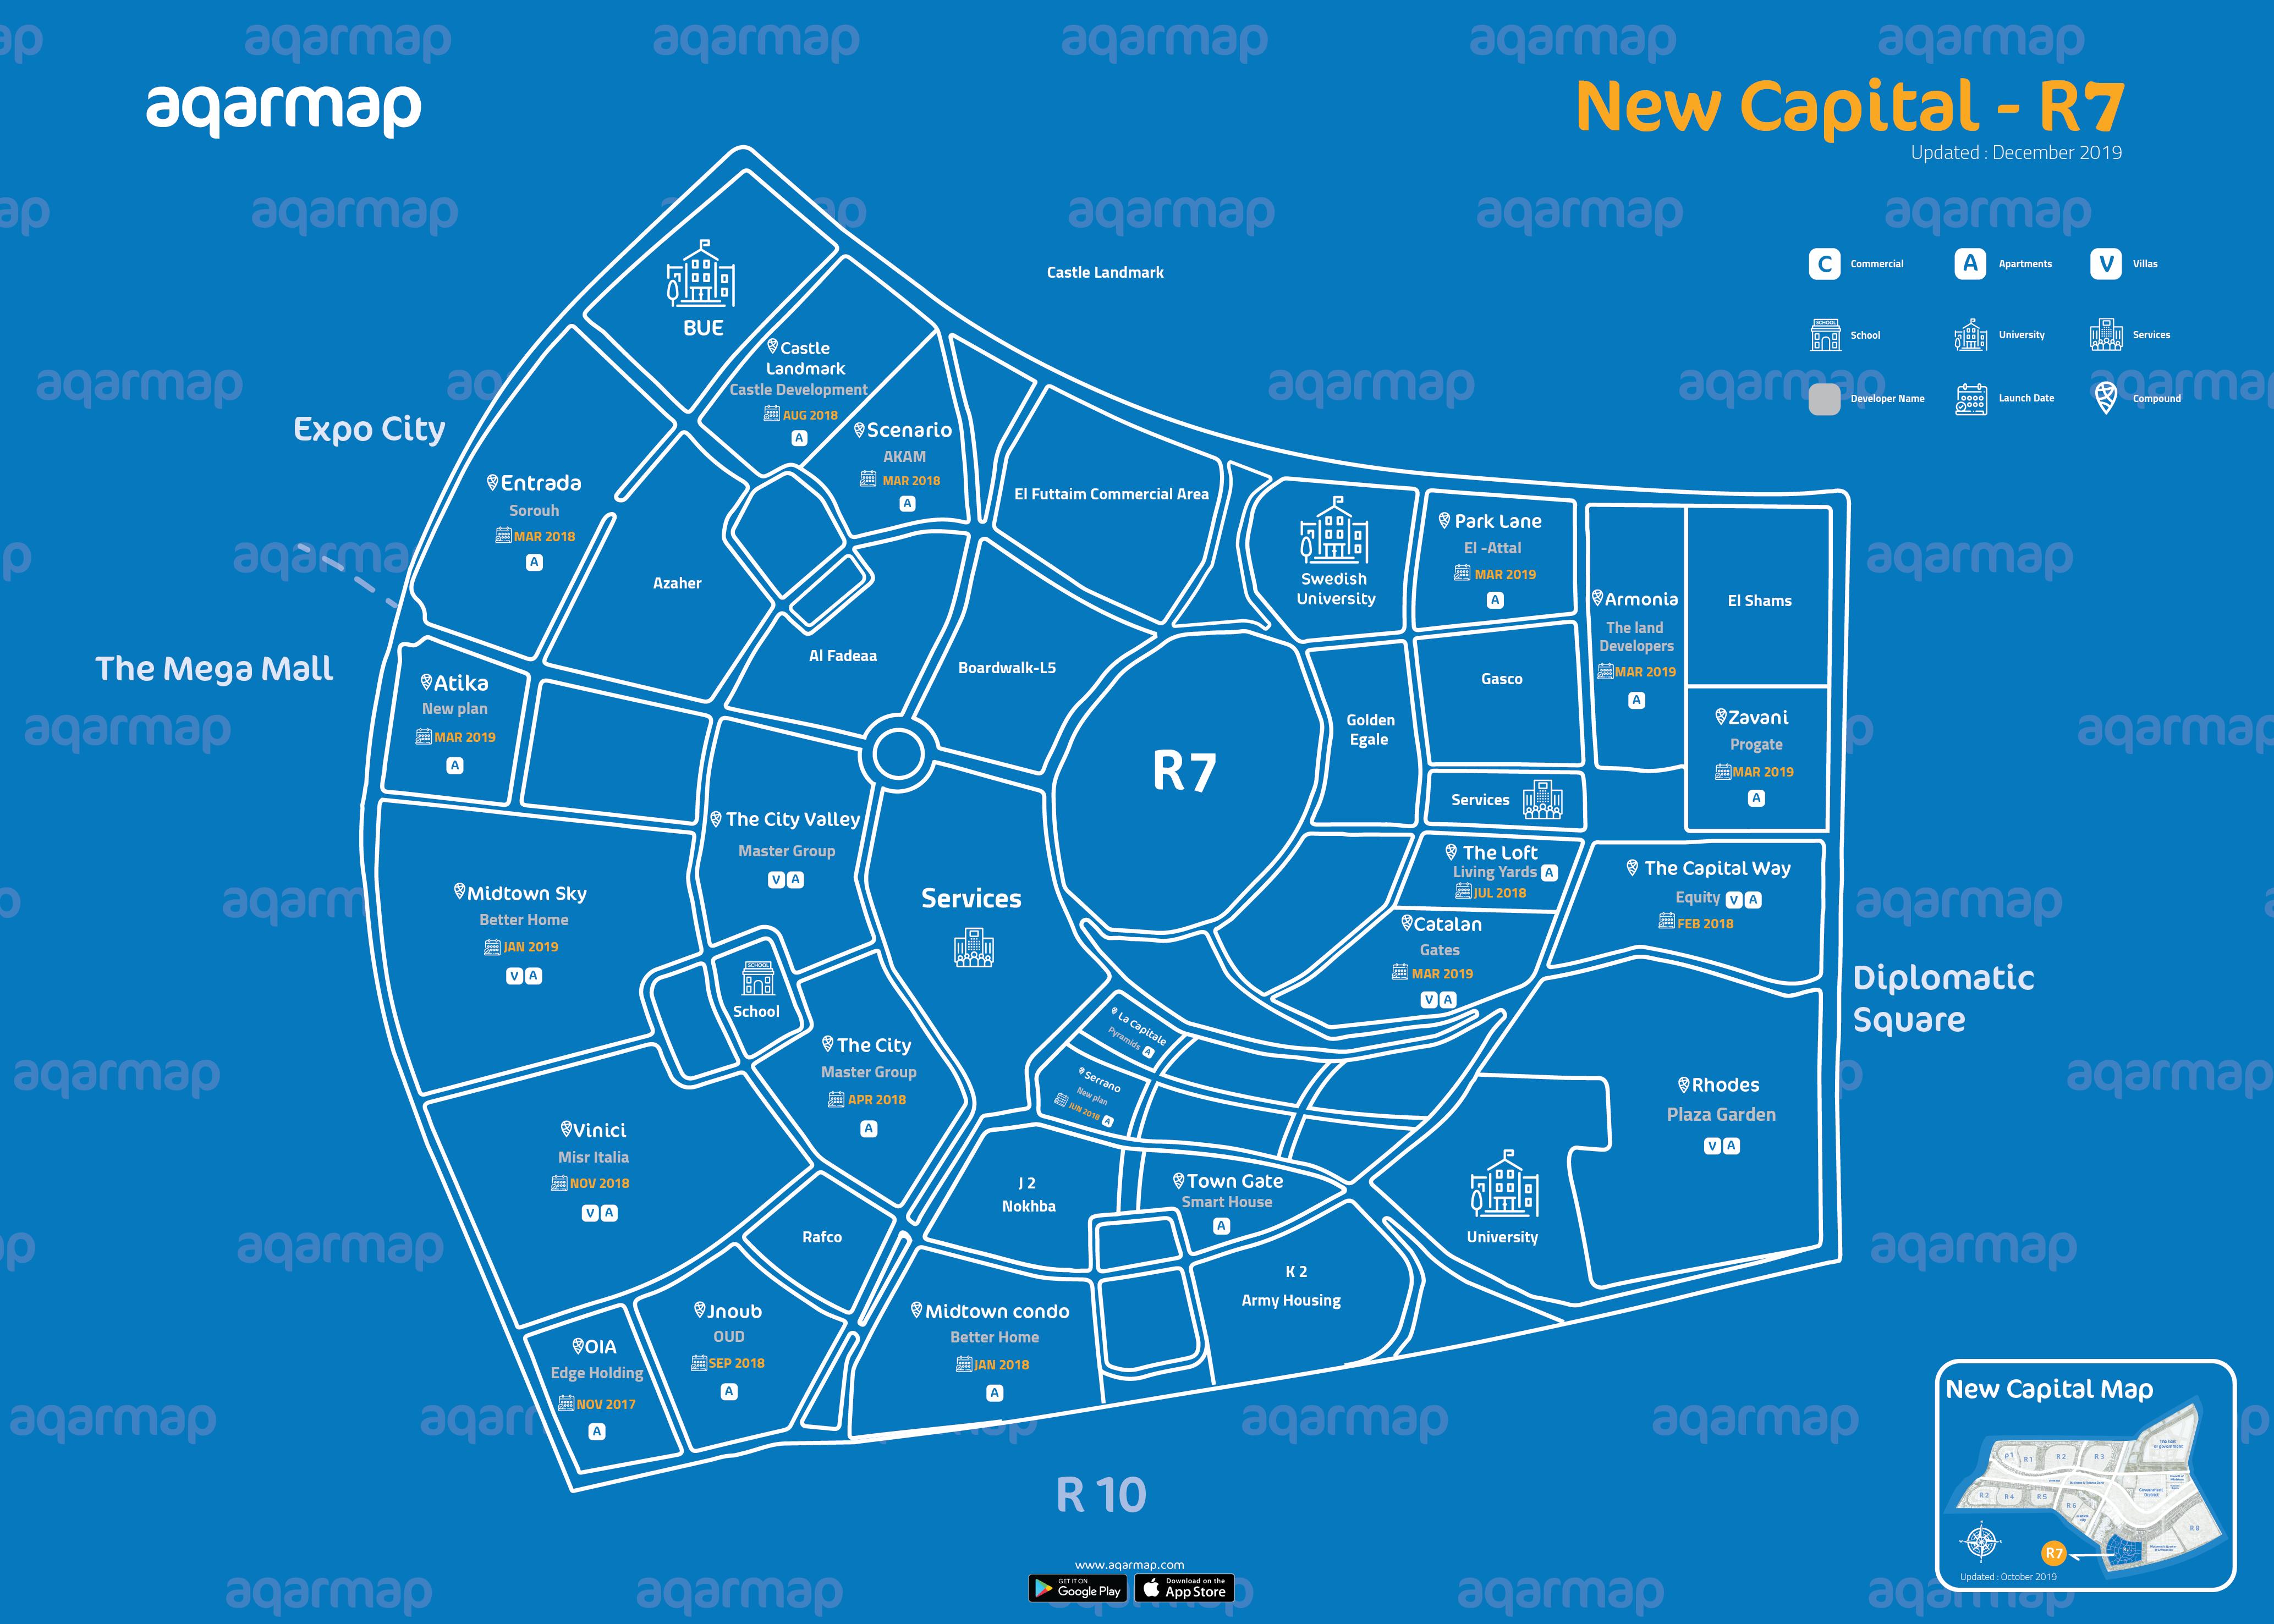 خريطة العاصمة الإدارية الجديدة R7 الحي السكني السابع مدونة عقارماب